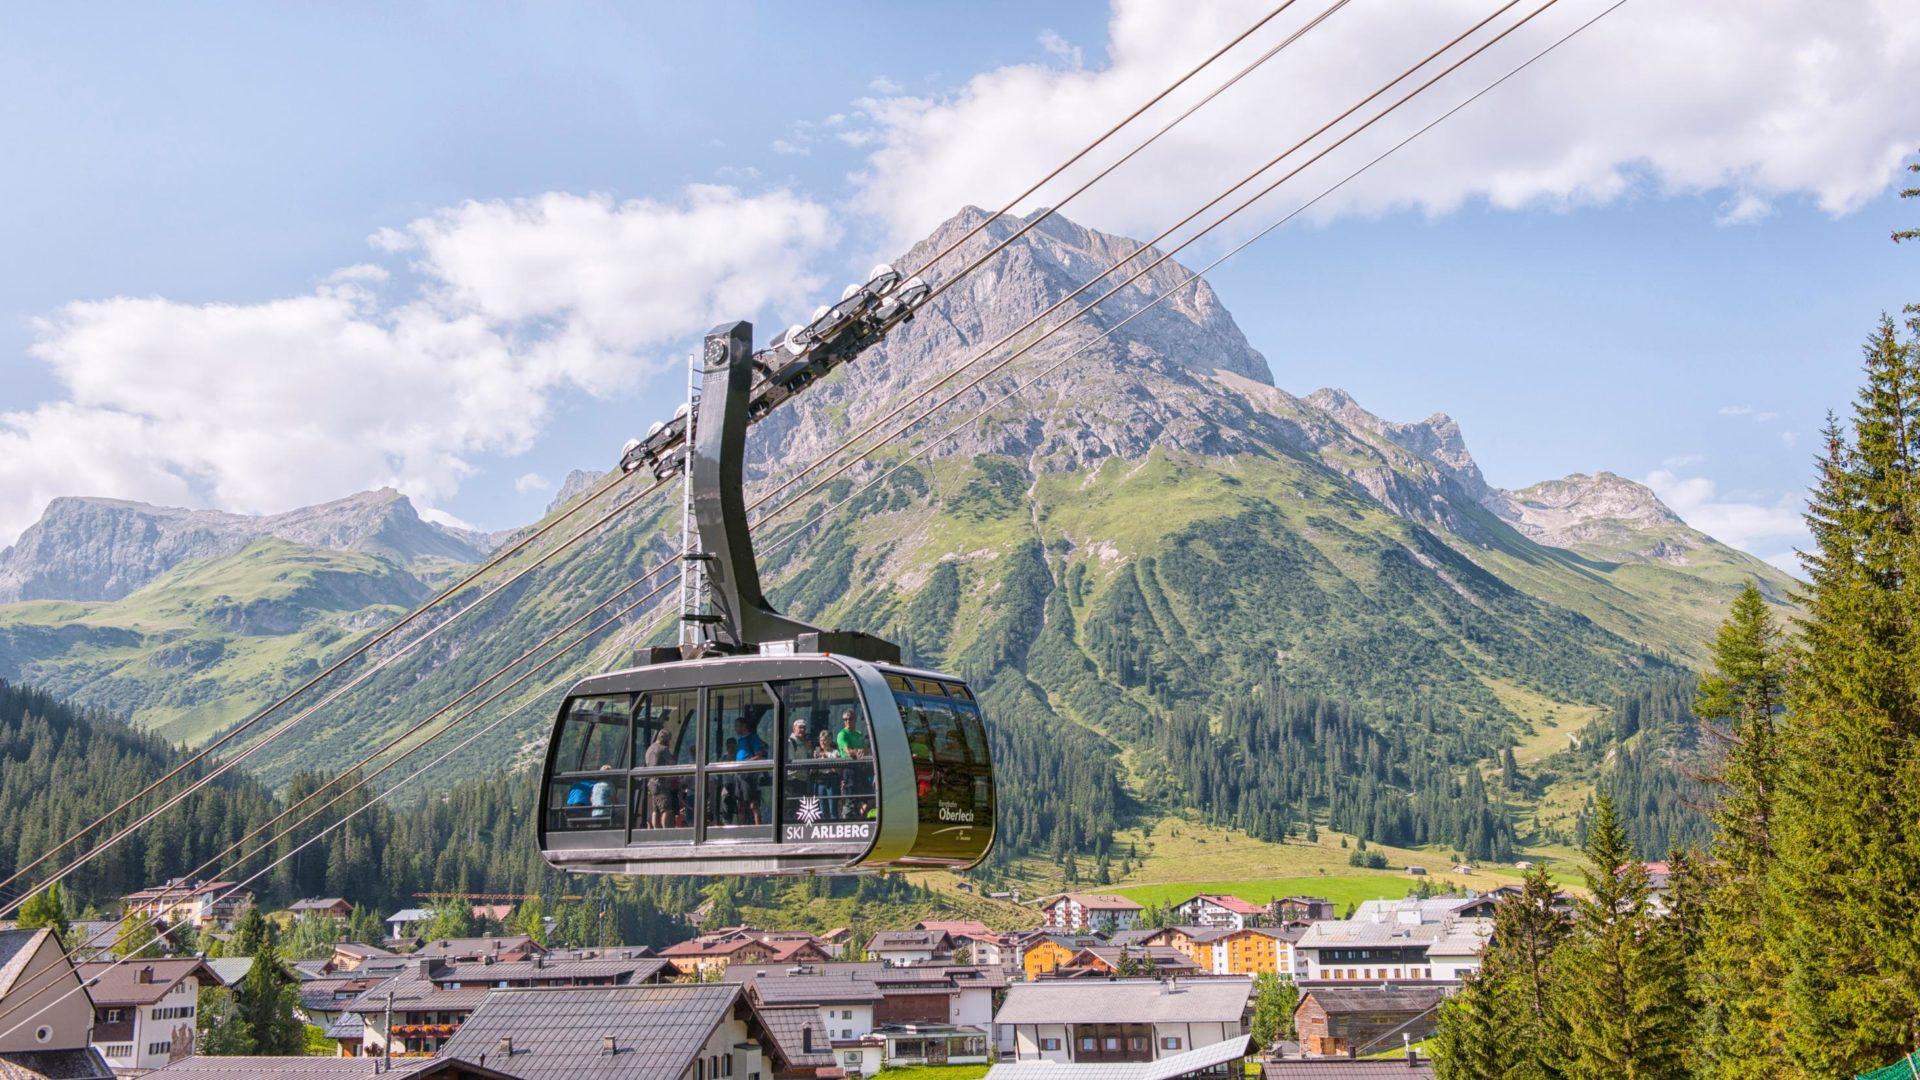 Bergbahn Oberlech-Lech, Vorarlberg